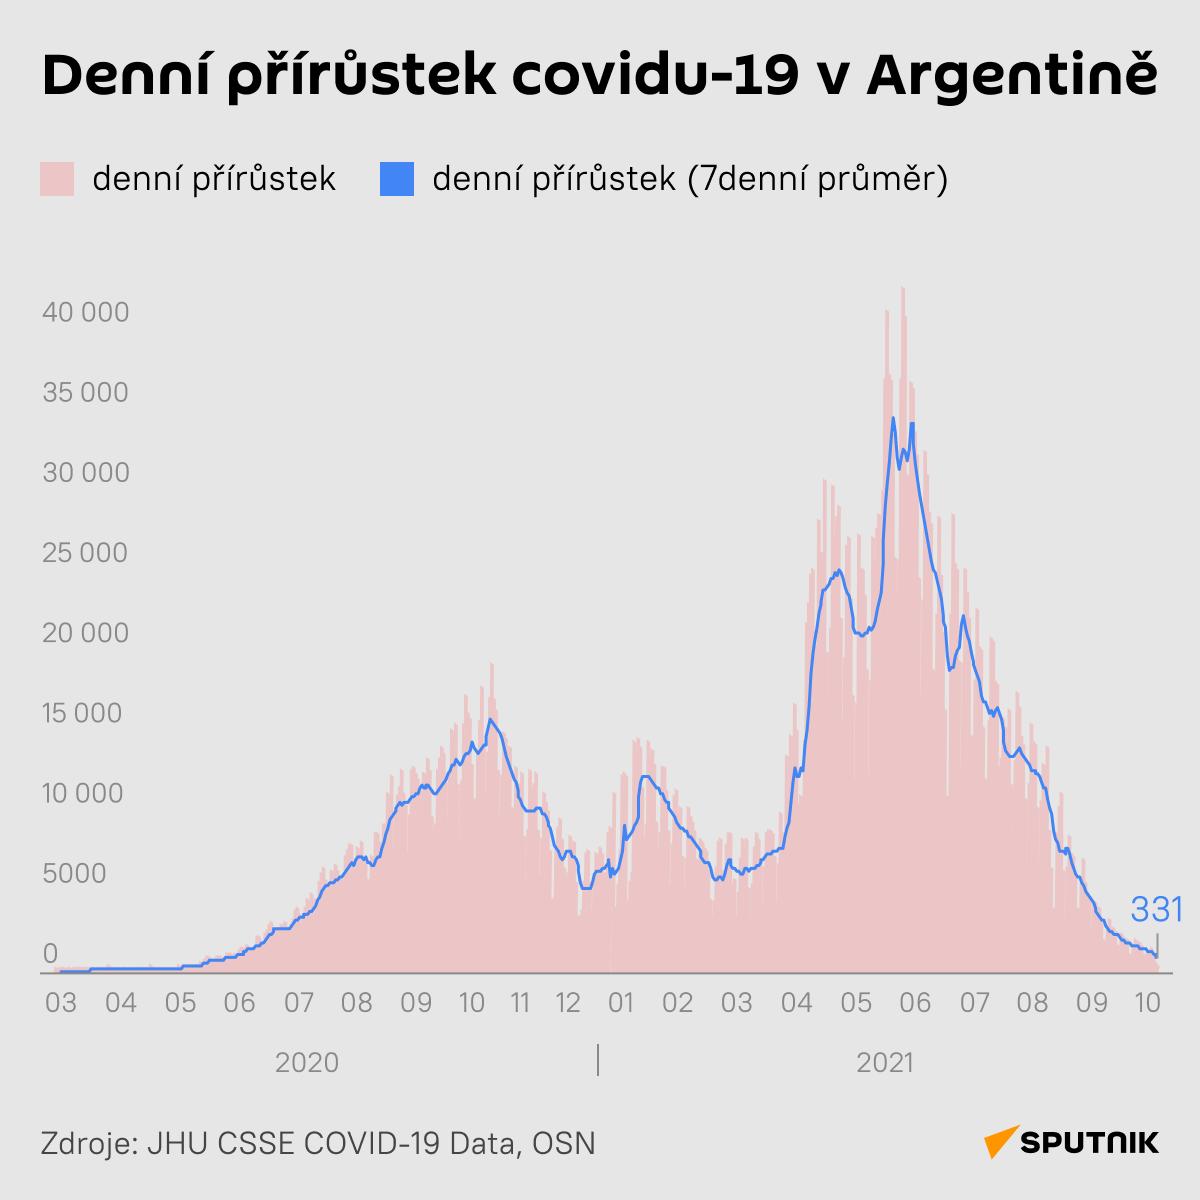 Denní přírustek covidu-19 v Argentině - Sputnik Česká republika